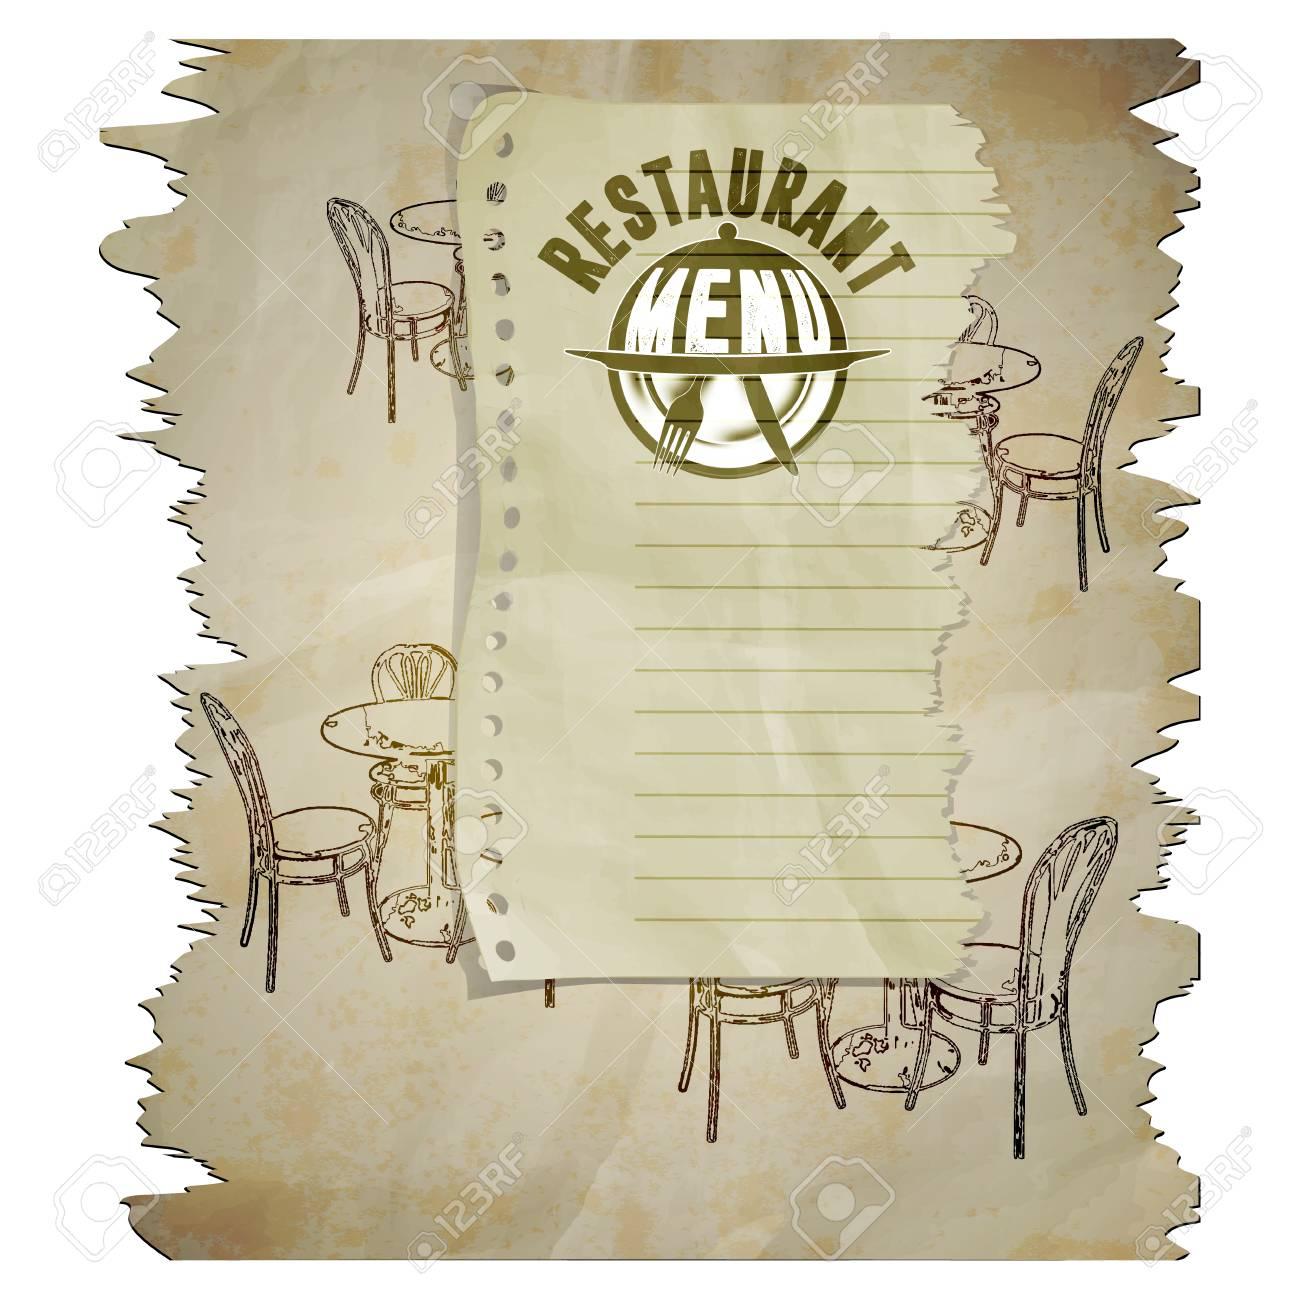 Vorlage Restaurant Menü-Seite Mit Dem Text Das Isolierte Bild Auf ...